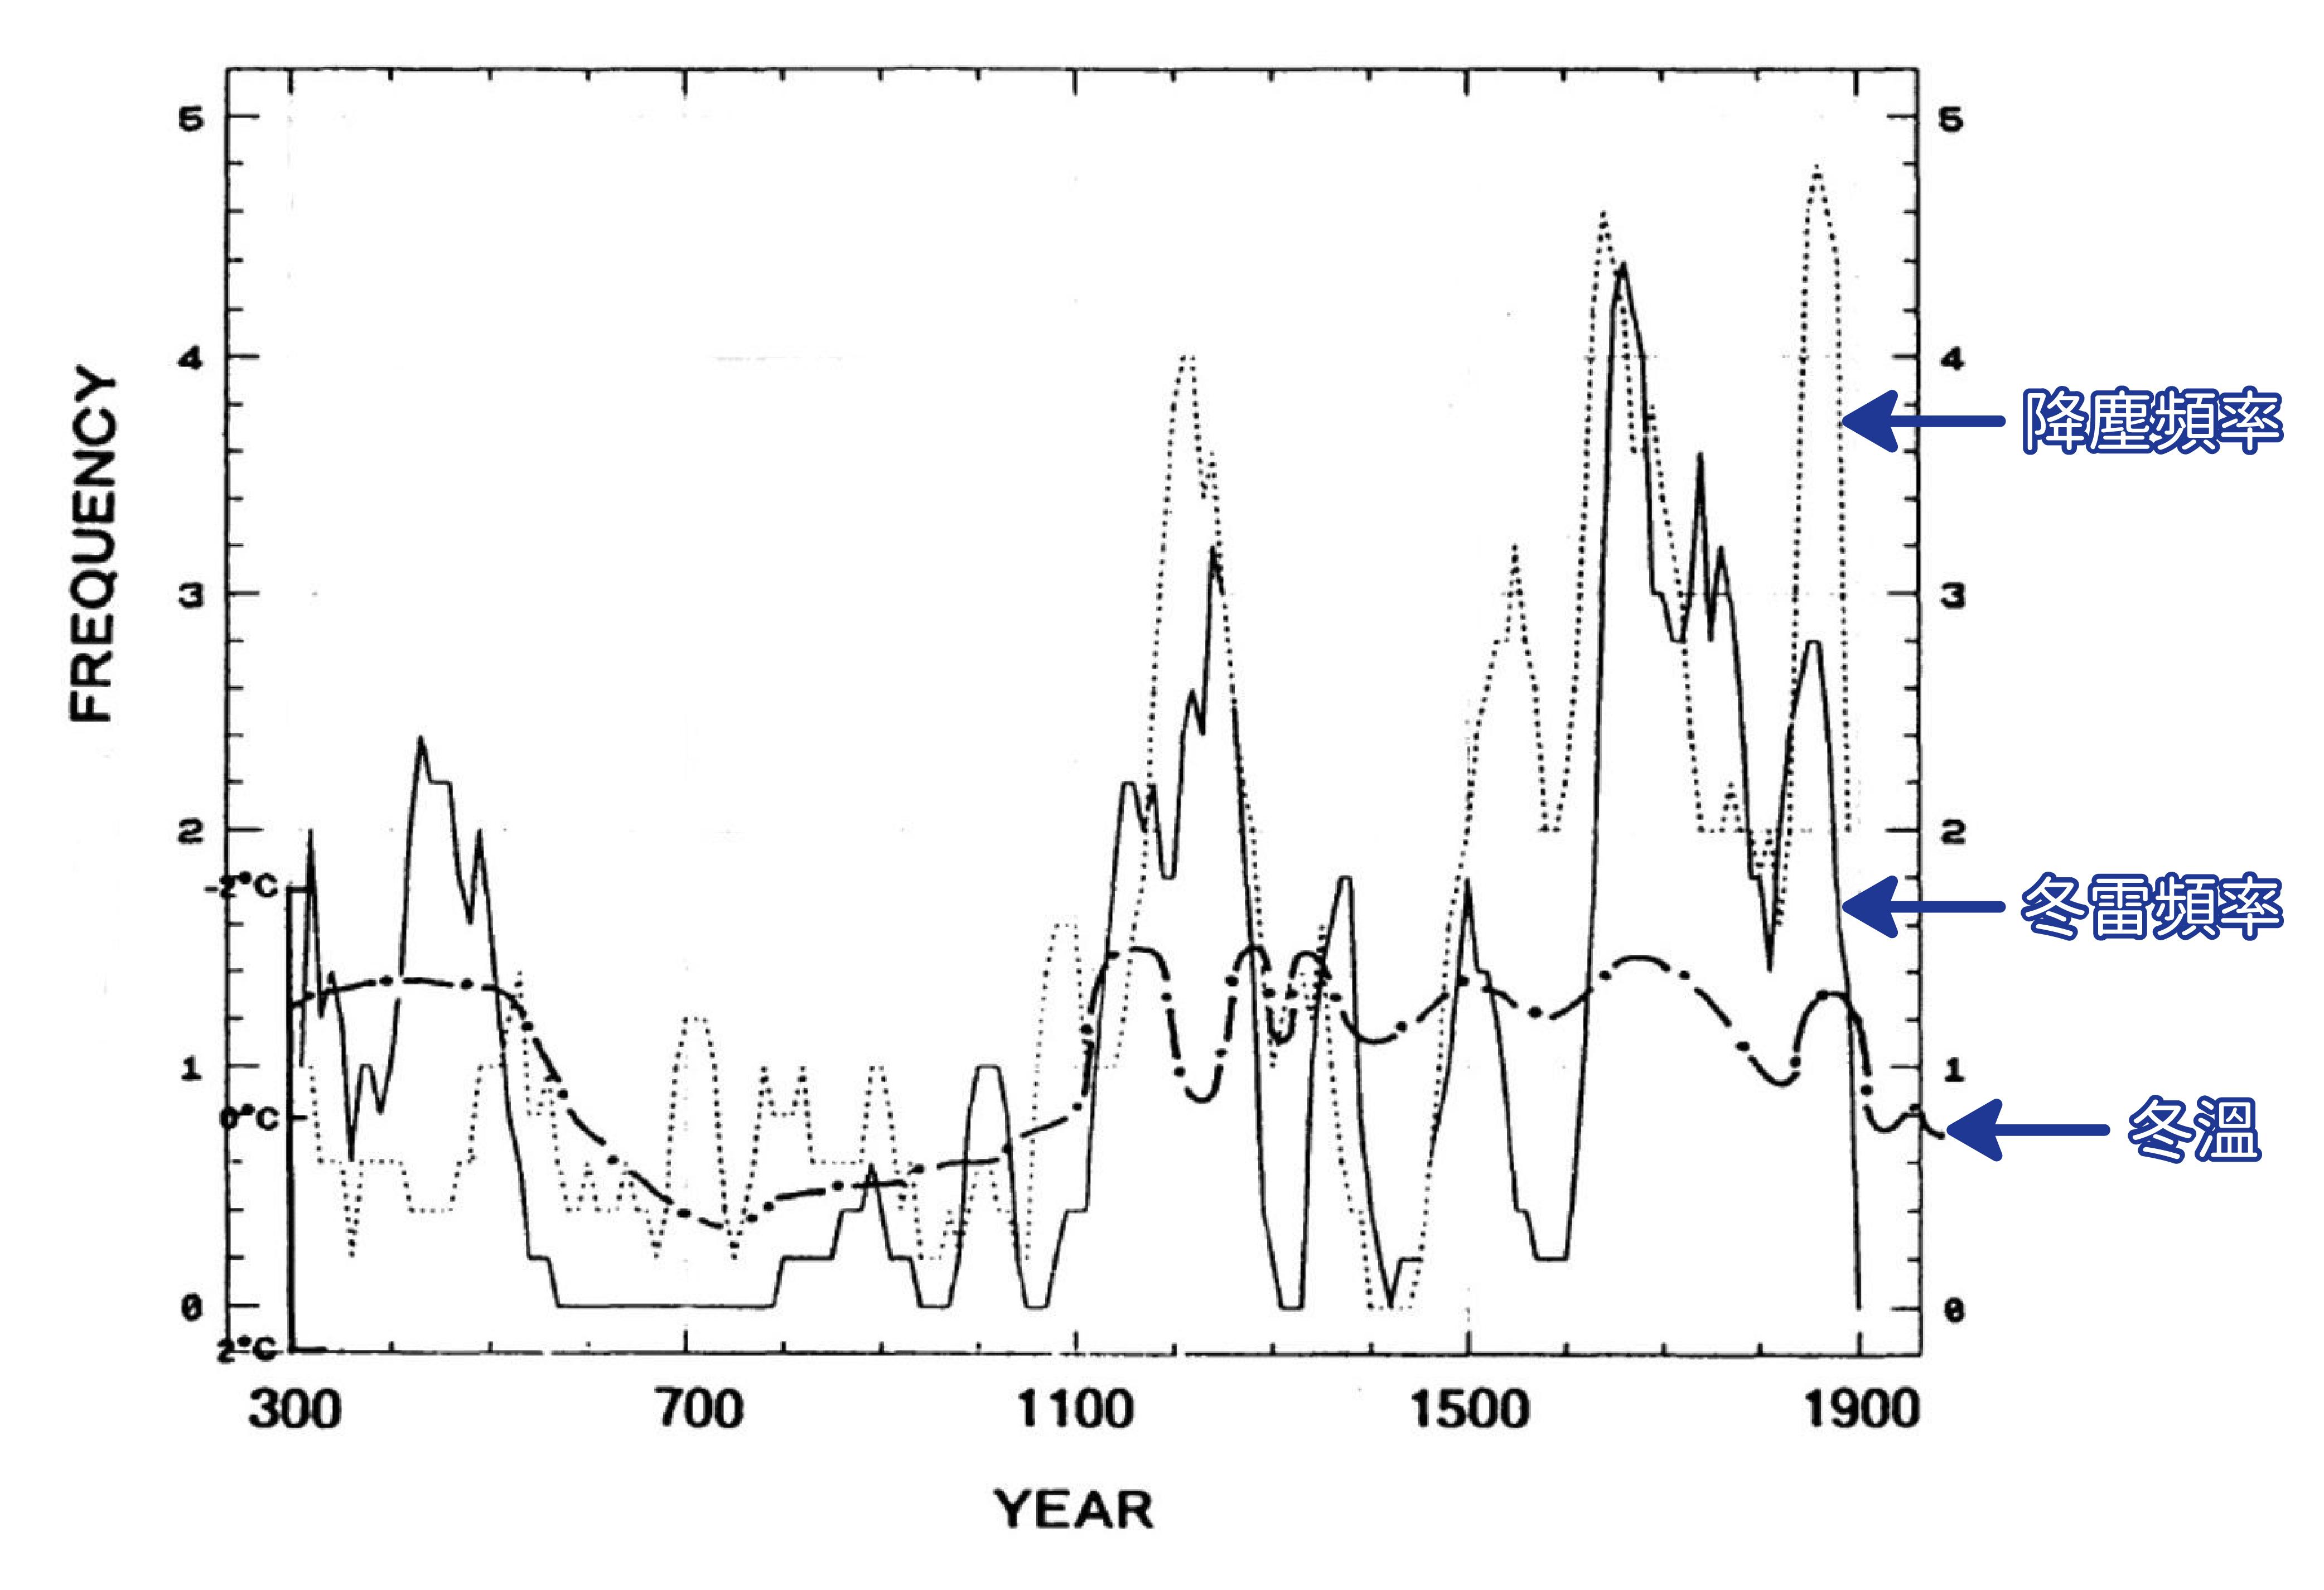 王寳貫統計過去兩千年的冬雷次數,與溫度、降塵的關係。 資料來源│王寳貫提供 圖說重製│歐柏昇、張語辰